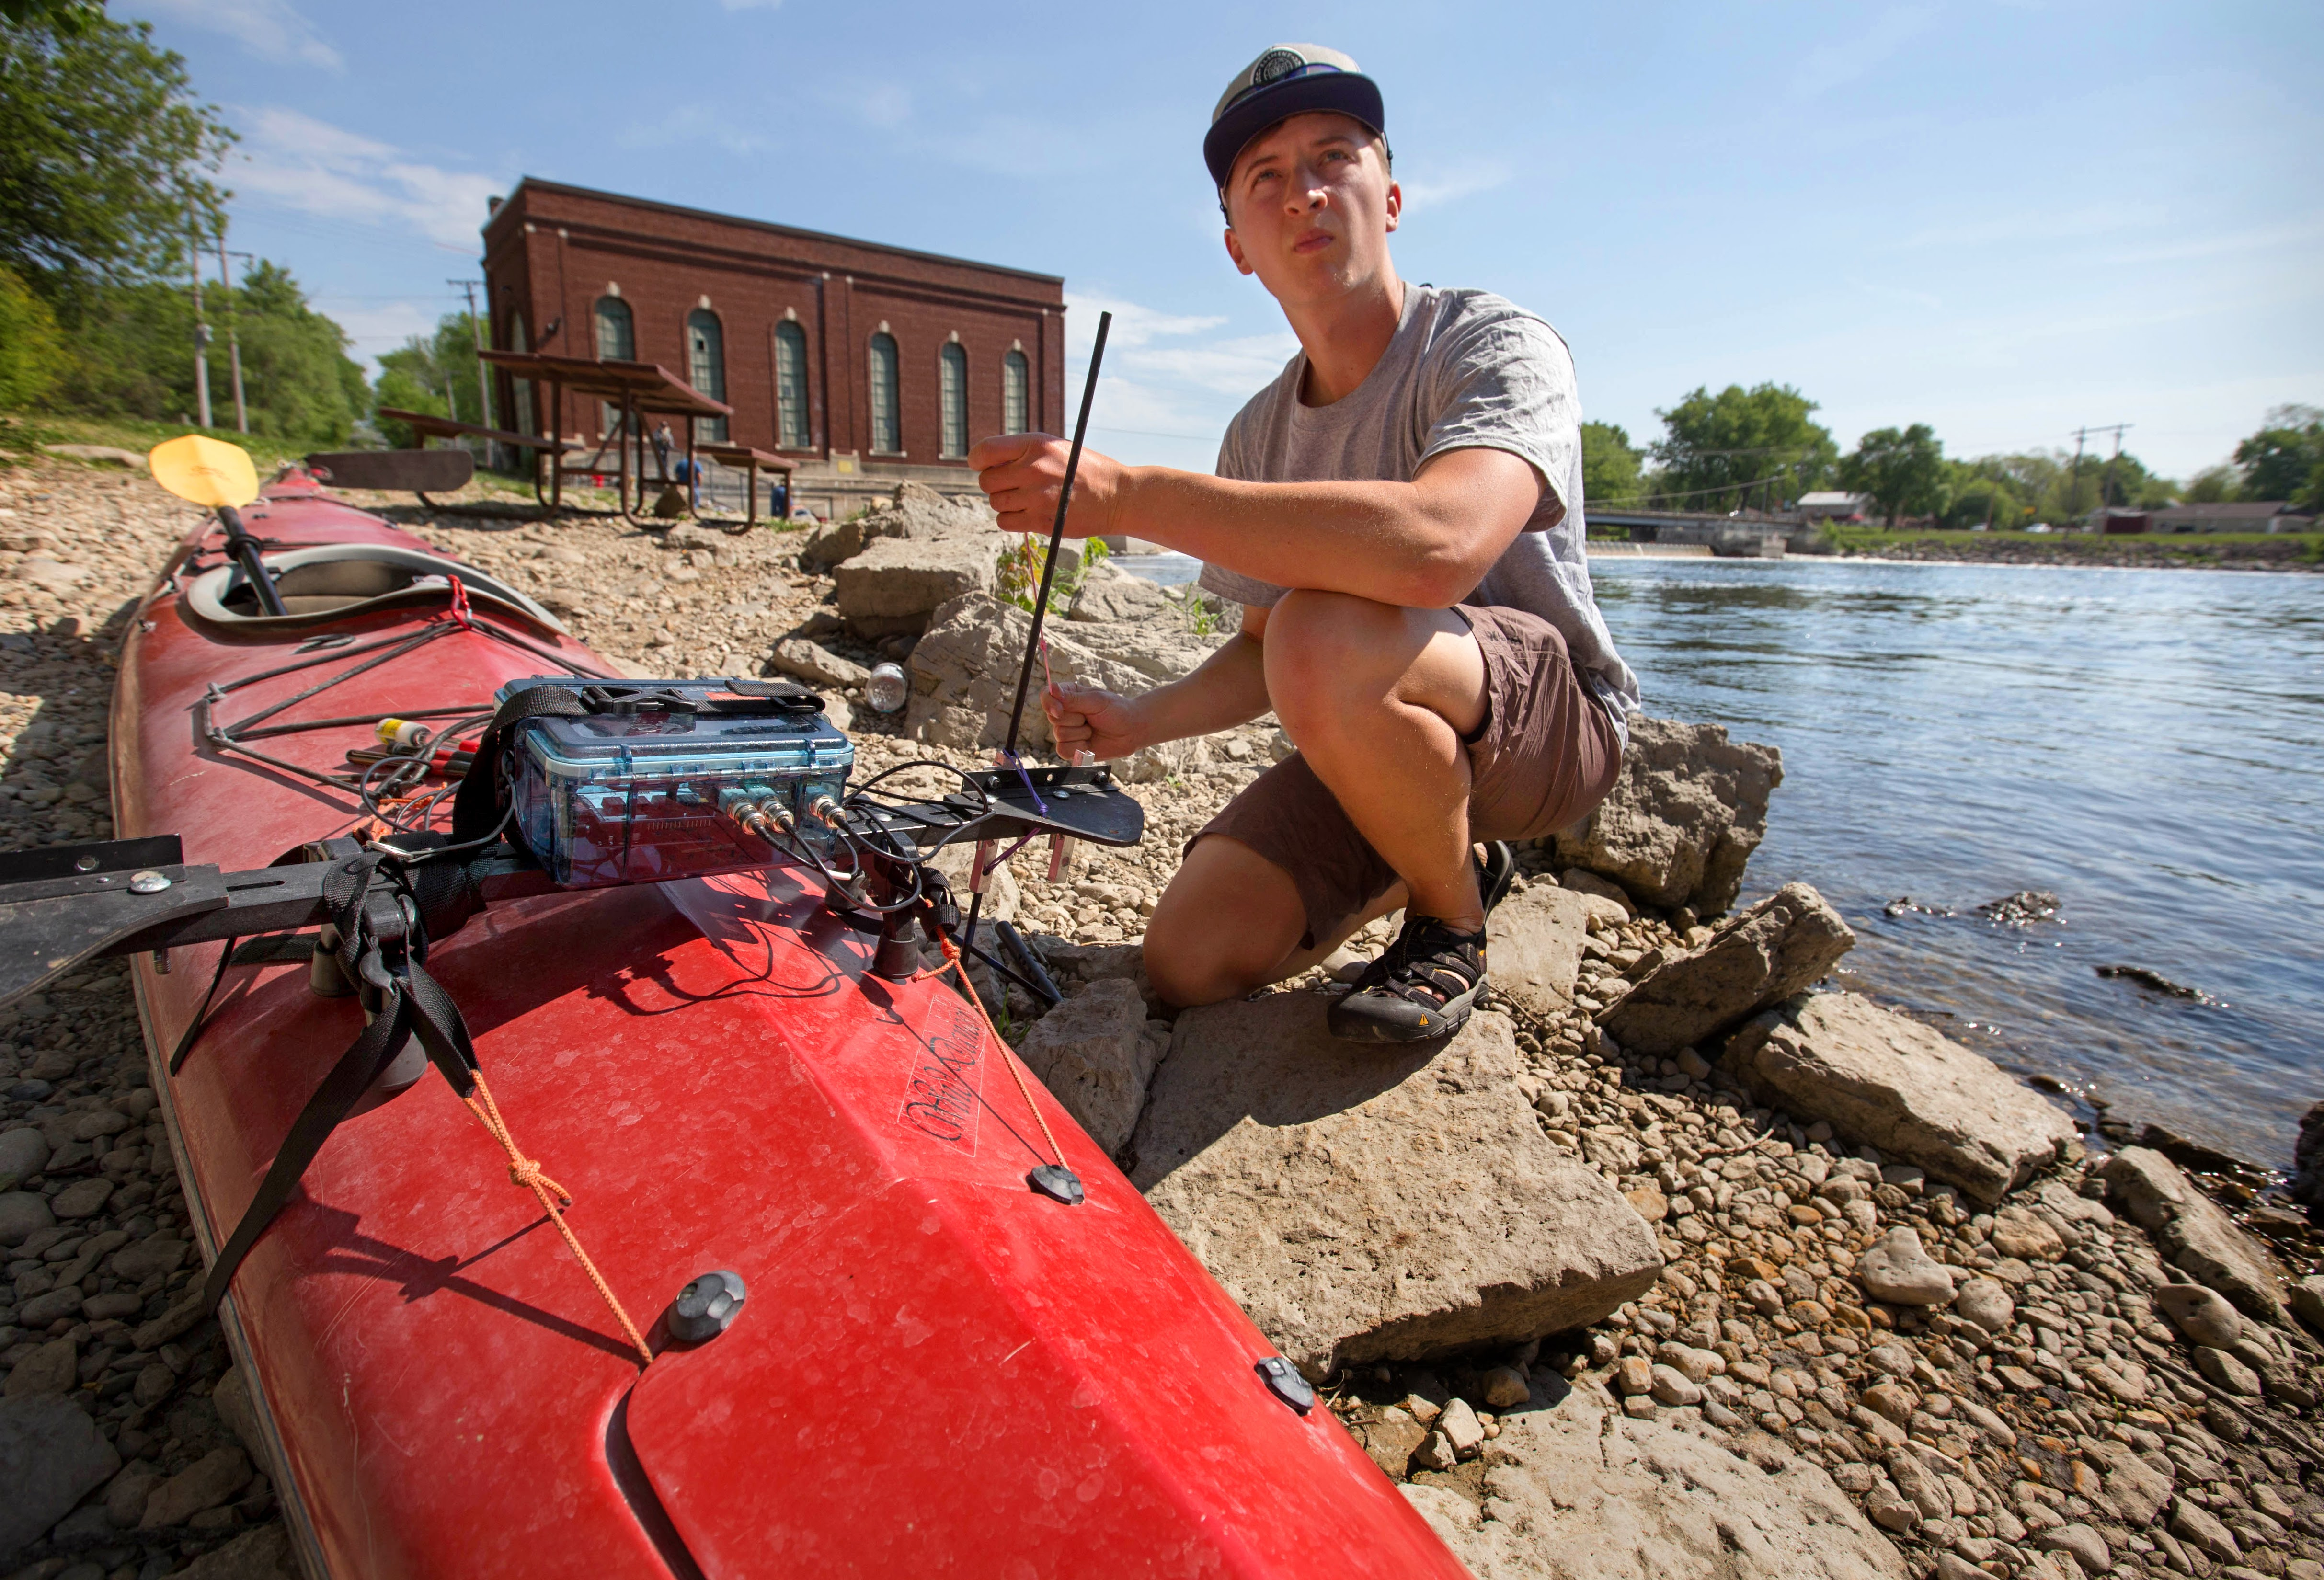 Launching kayak at Indian Ford Dam. Photo by Craig Schreiner, UWW.